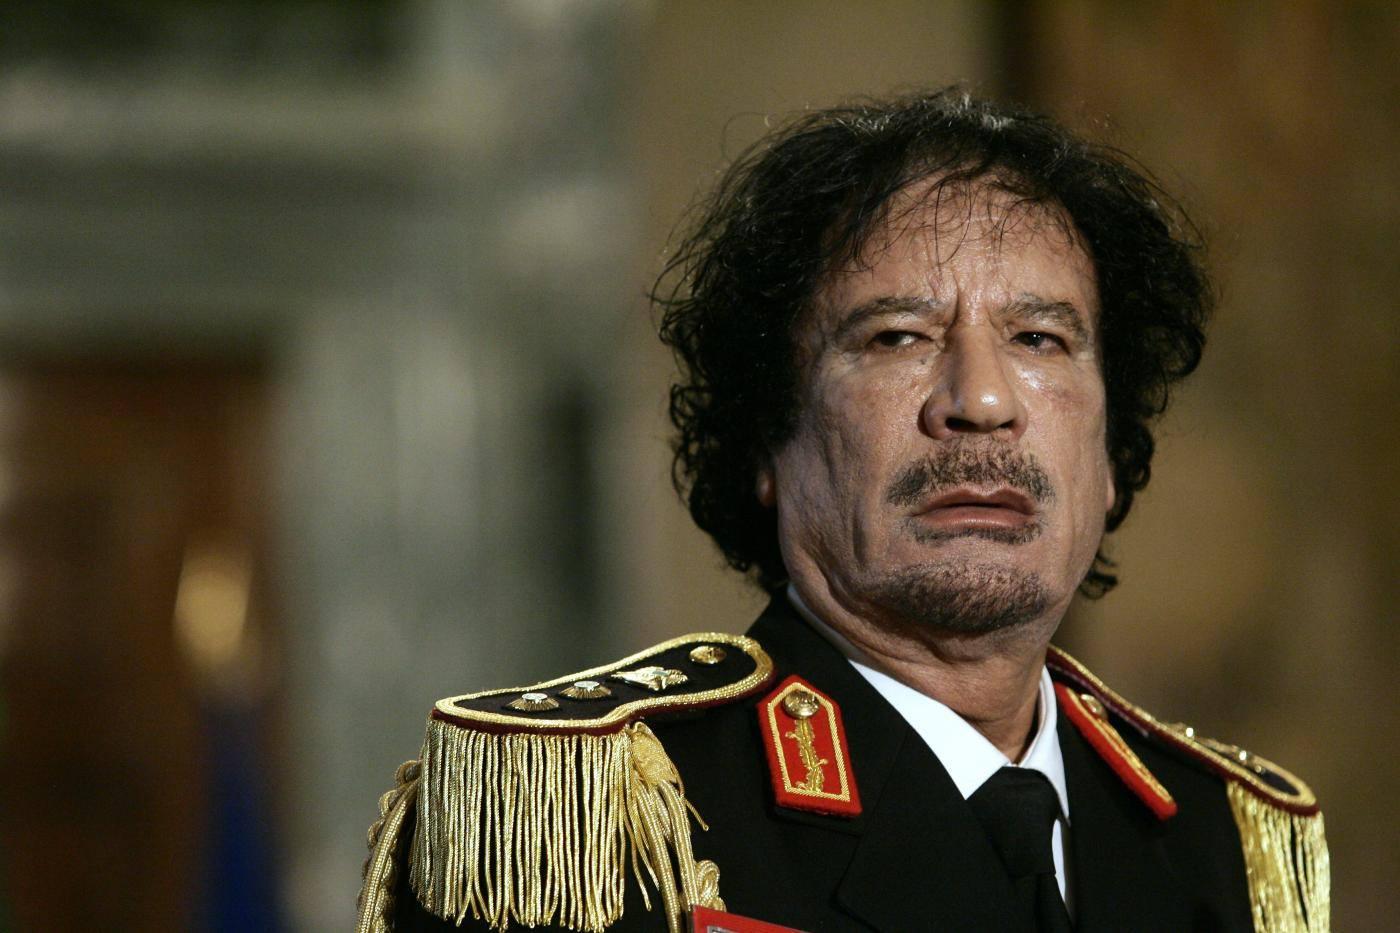 Roberto Saviano, Gheddafi